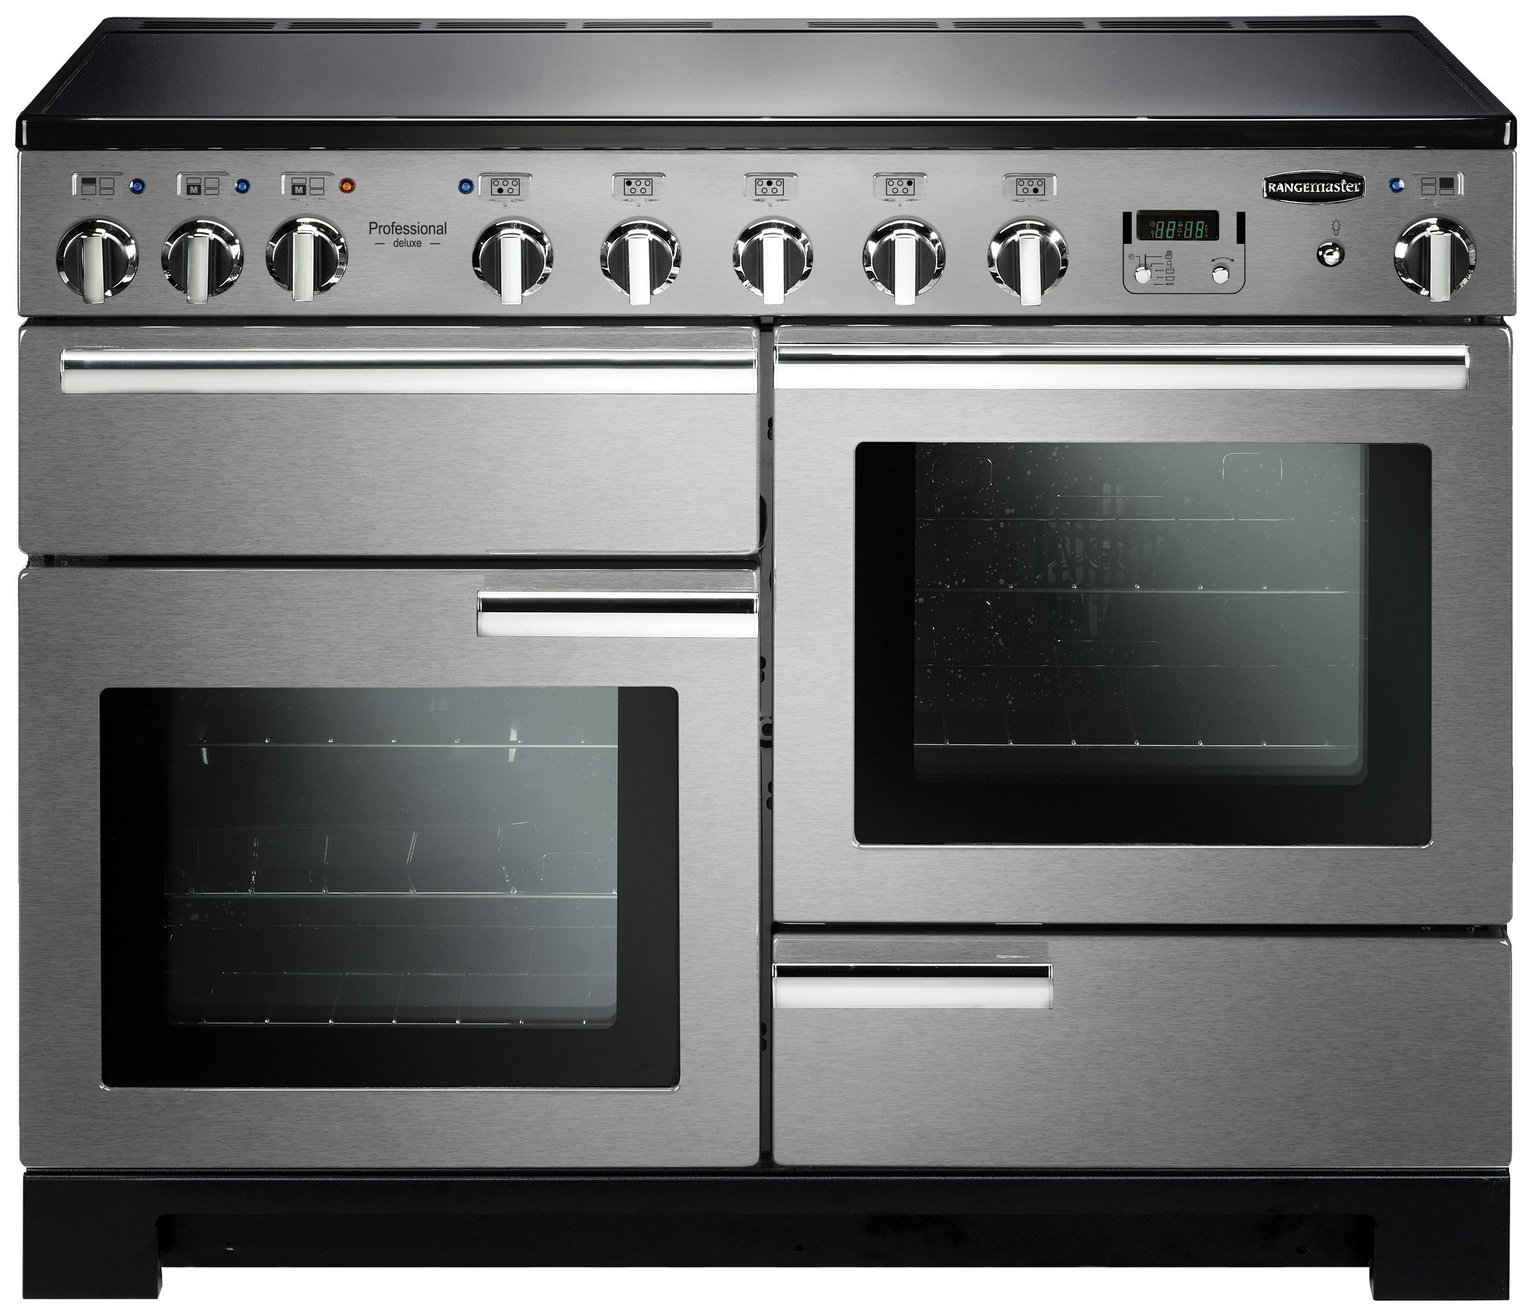 Image of Rangemaster Professional Deluxe 110cm Range Cooker - S/Steel